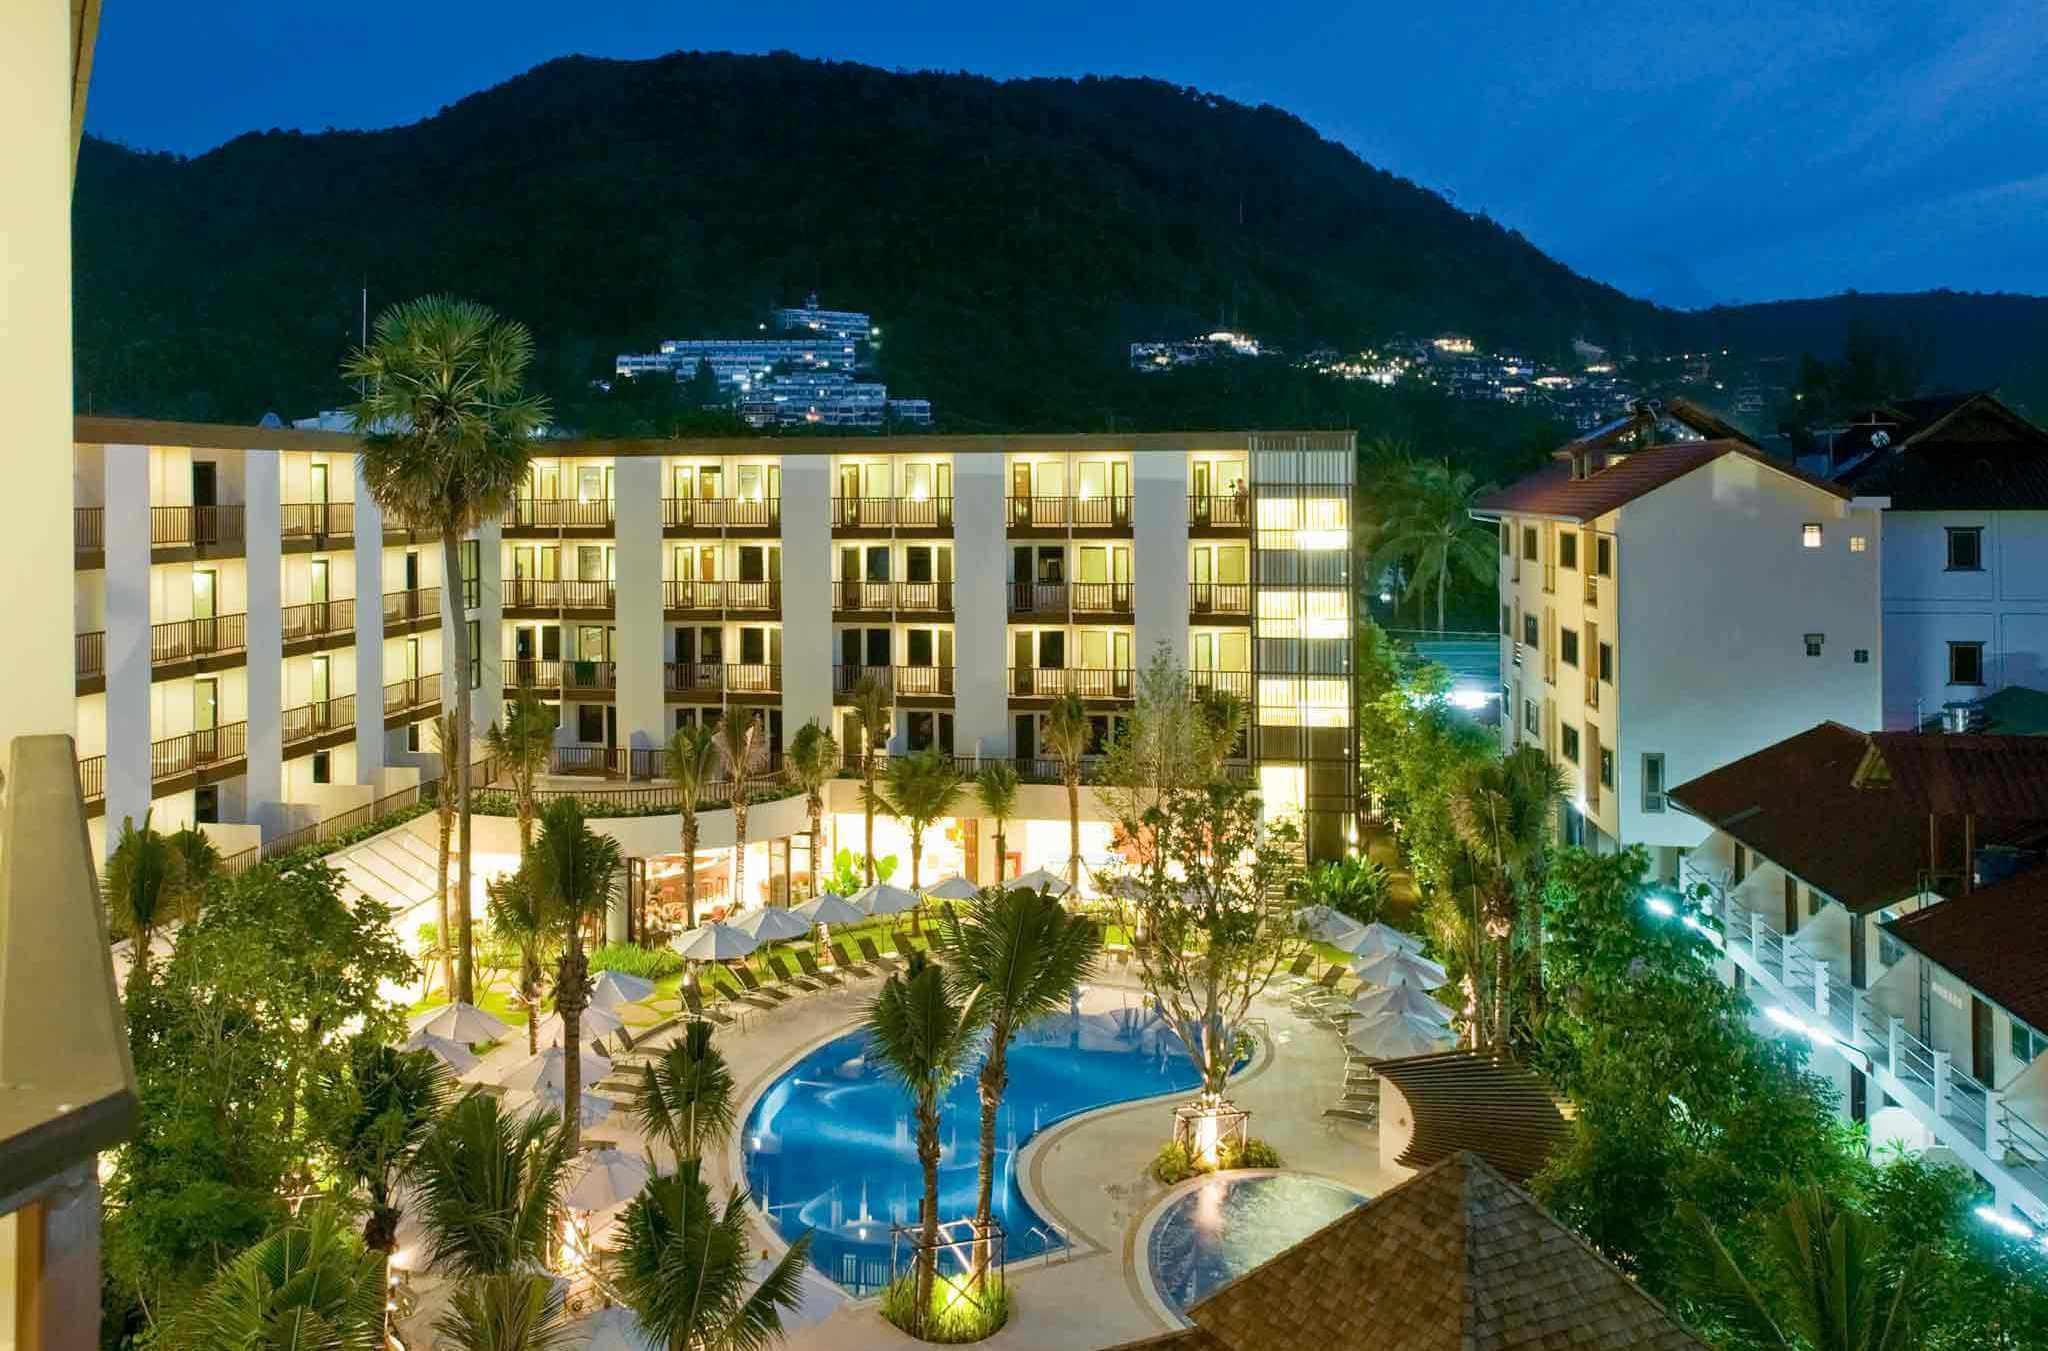 Фото Ibis Phuket Patong - недорогого отеля на Патонге (о. Пхукет)